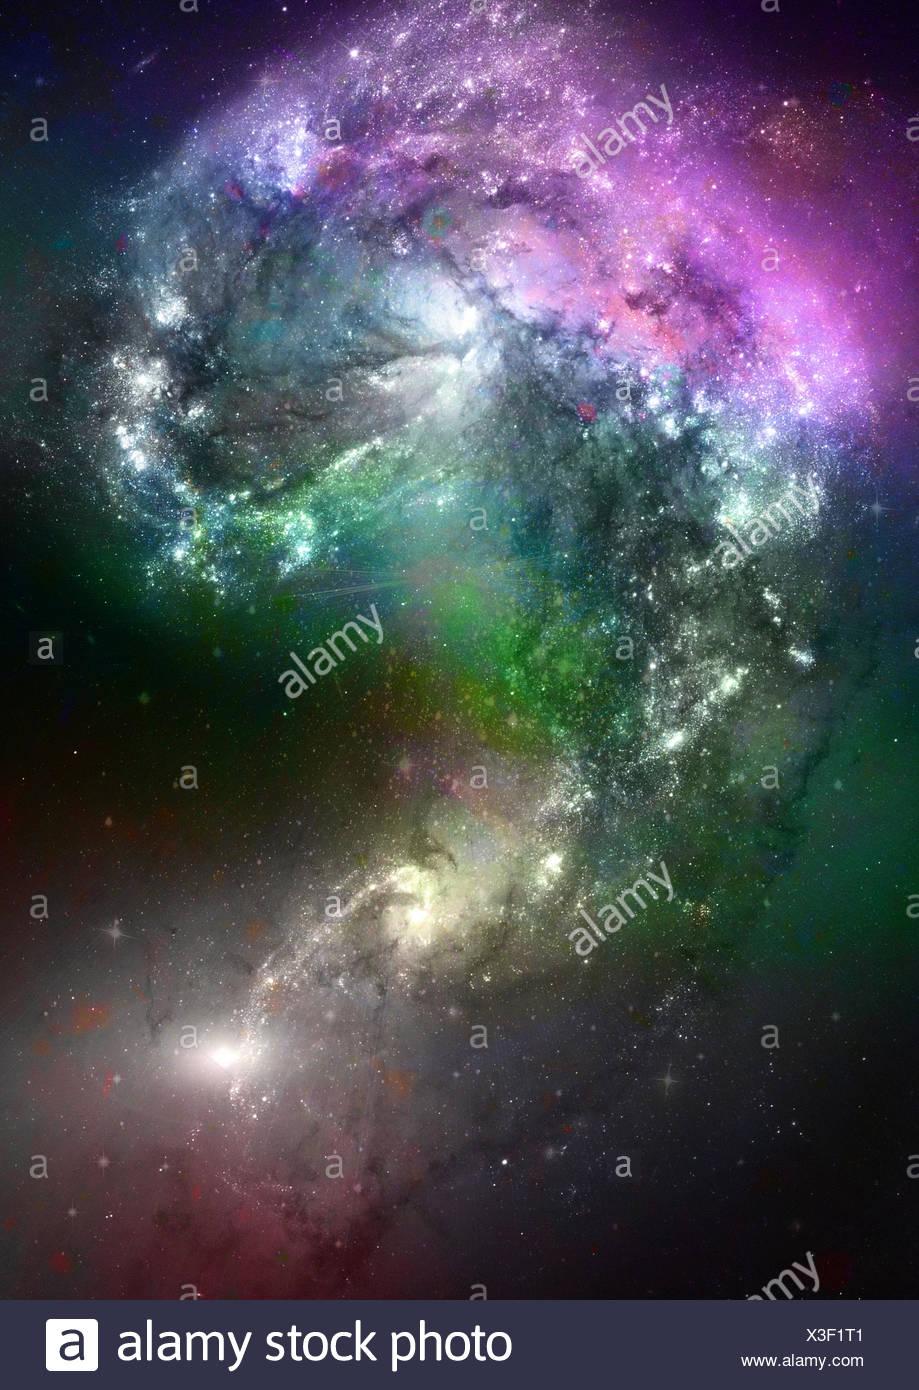 Espacio de estrellas y nebulosa Imagen De Stock